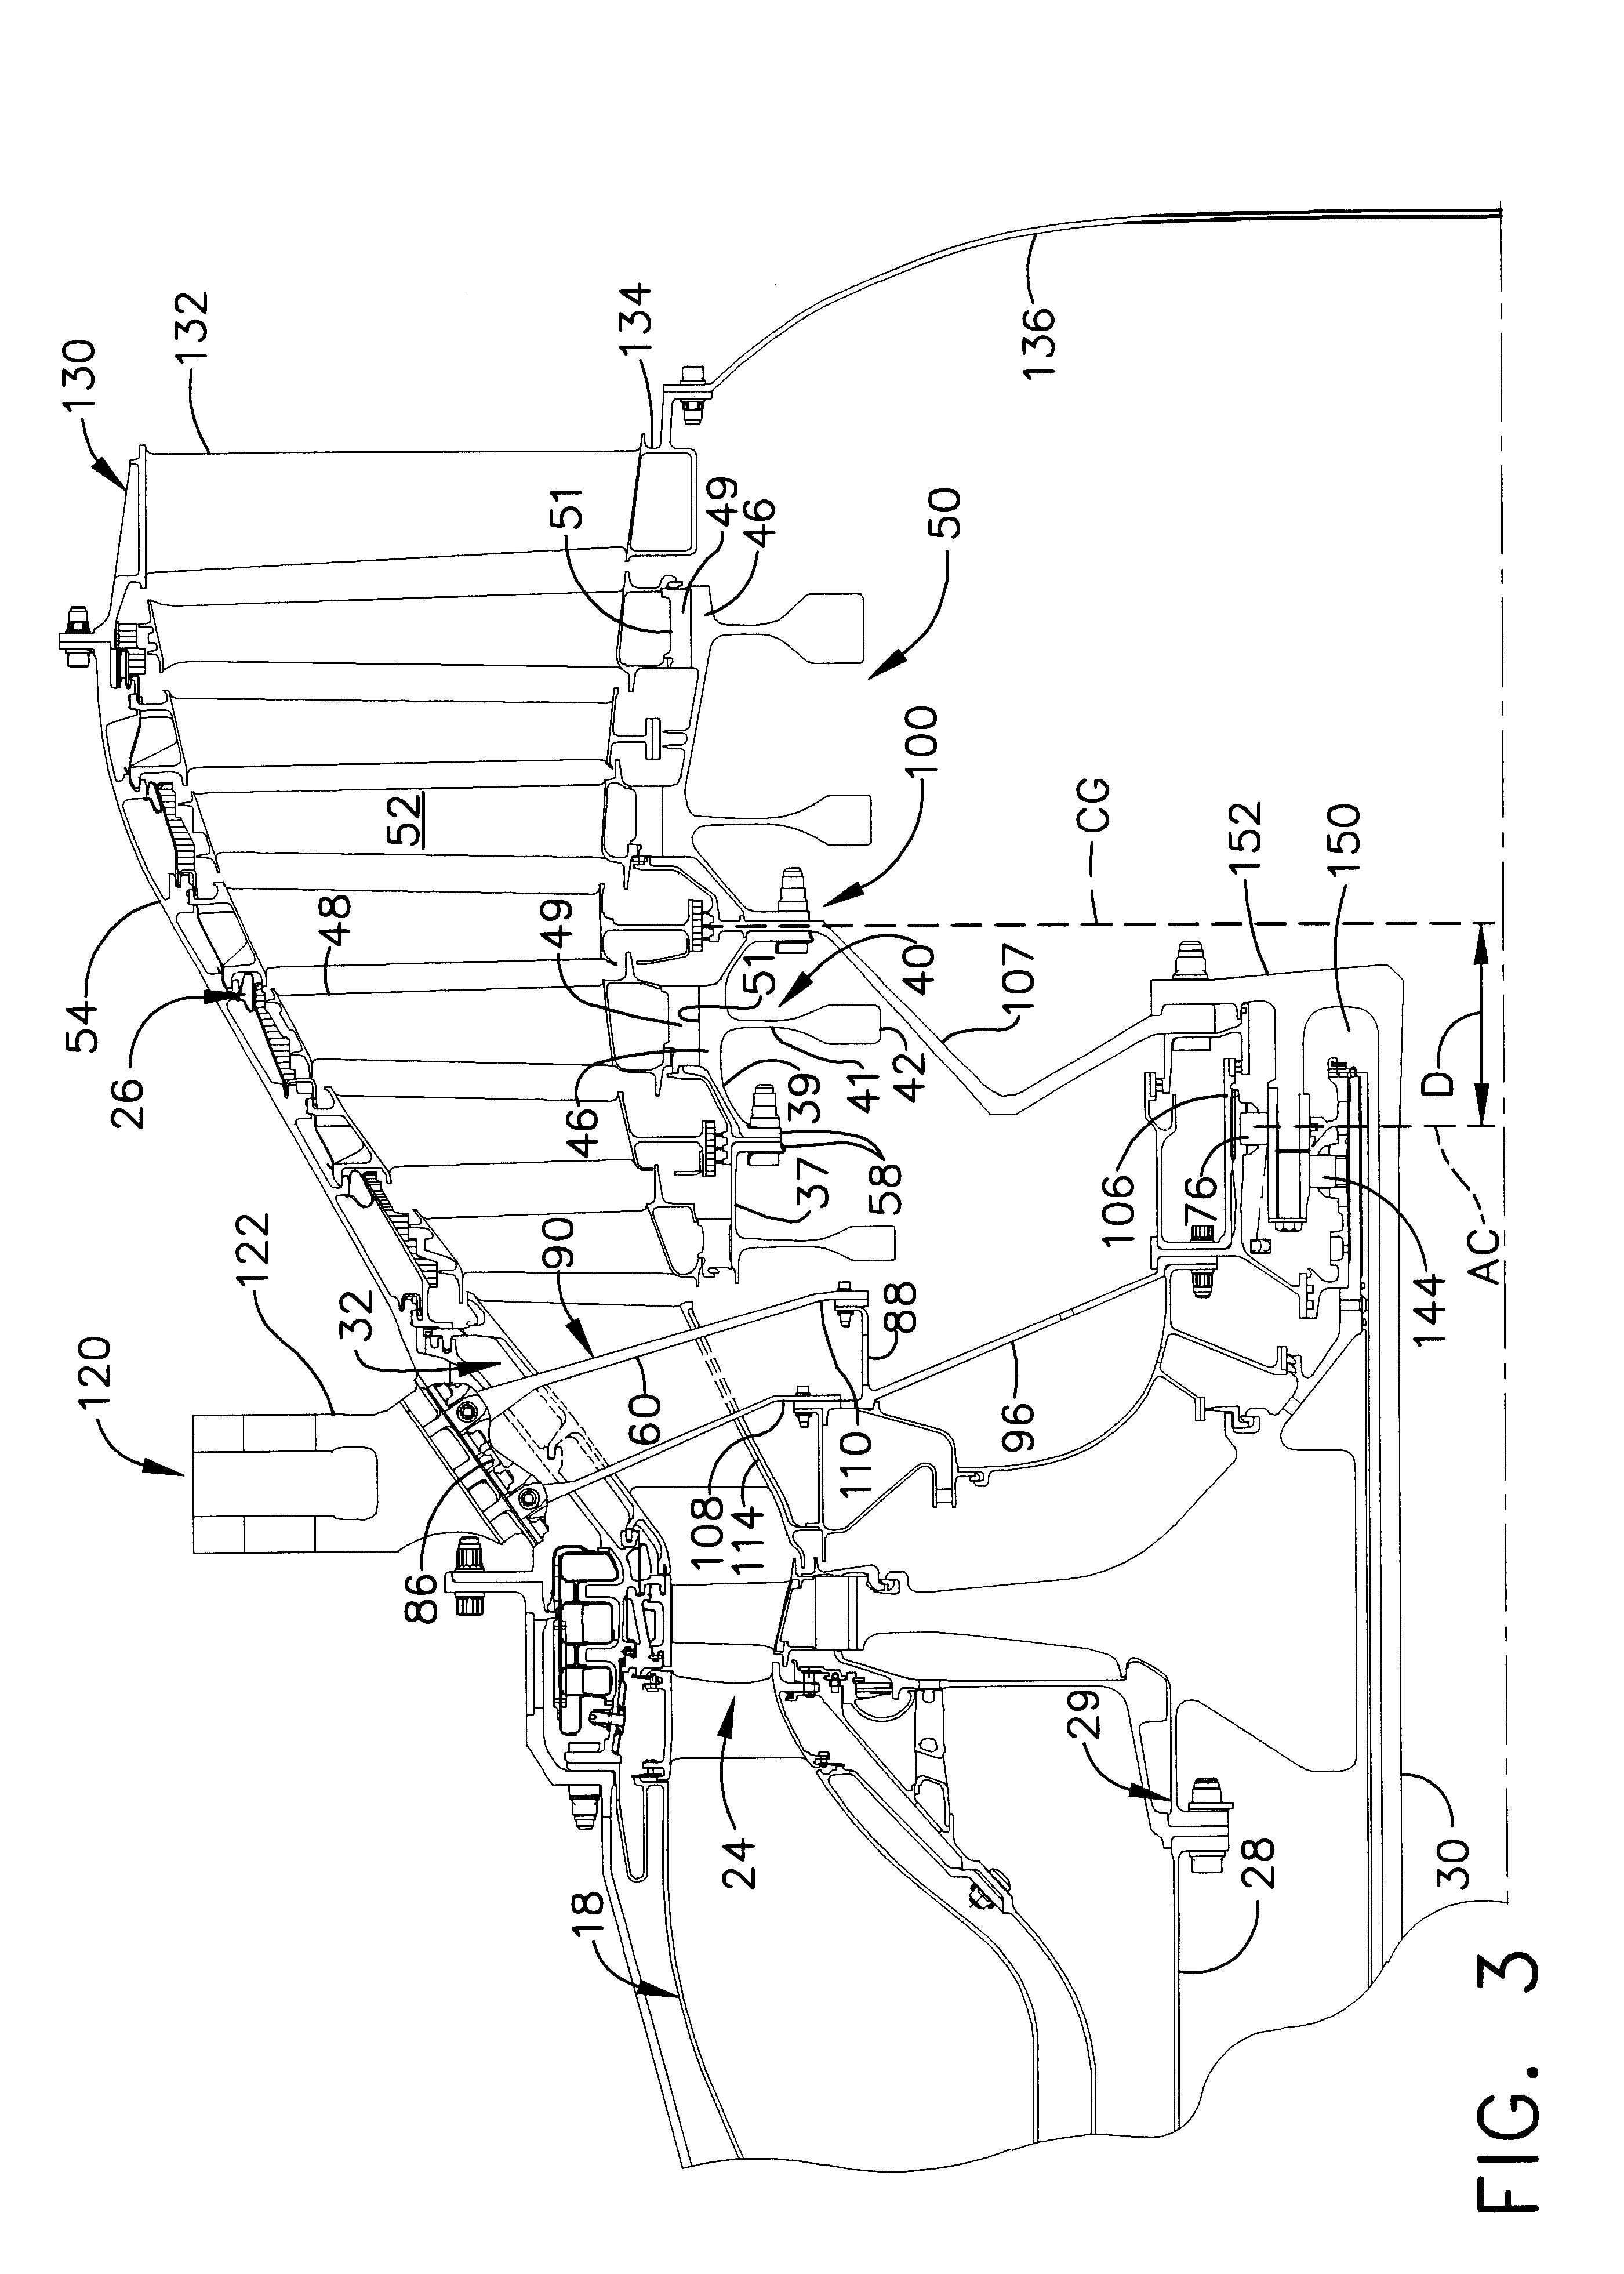 patent us6708482